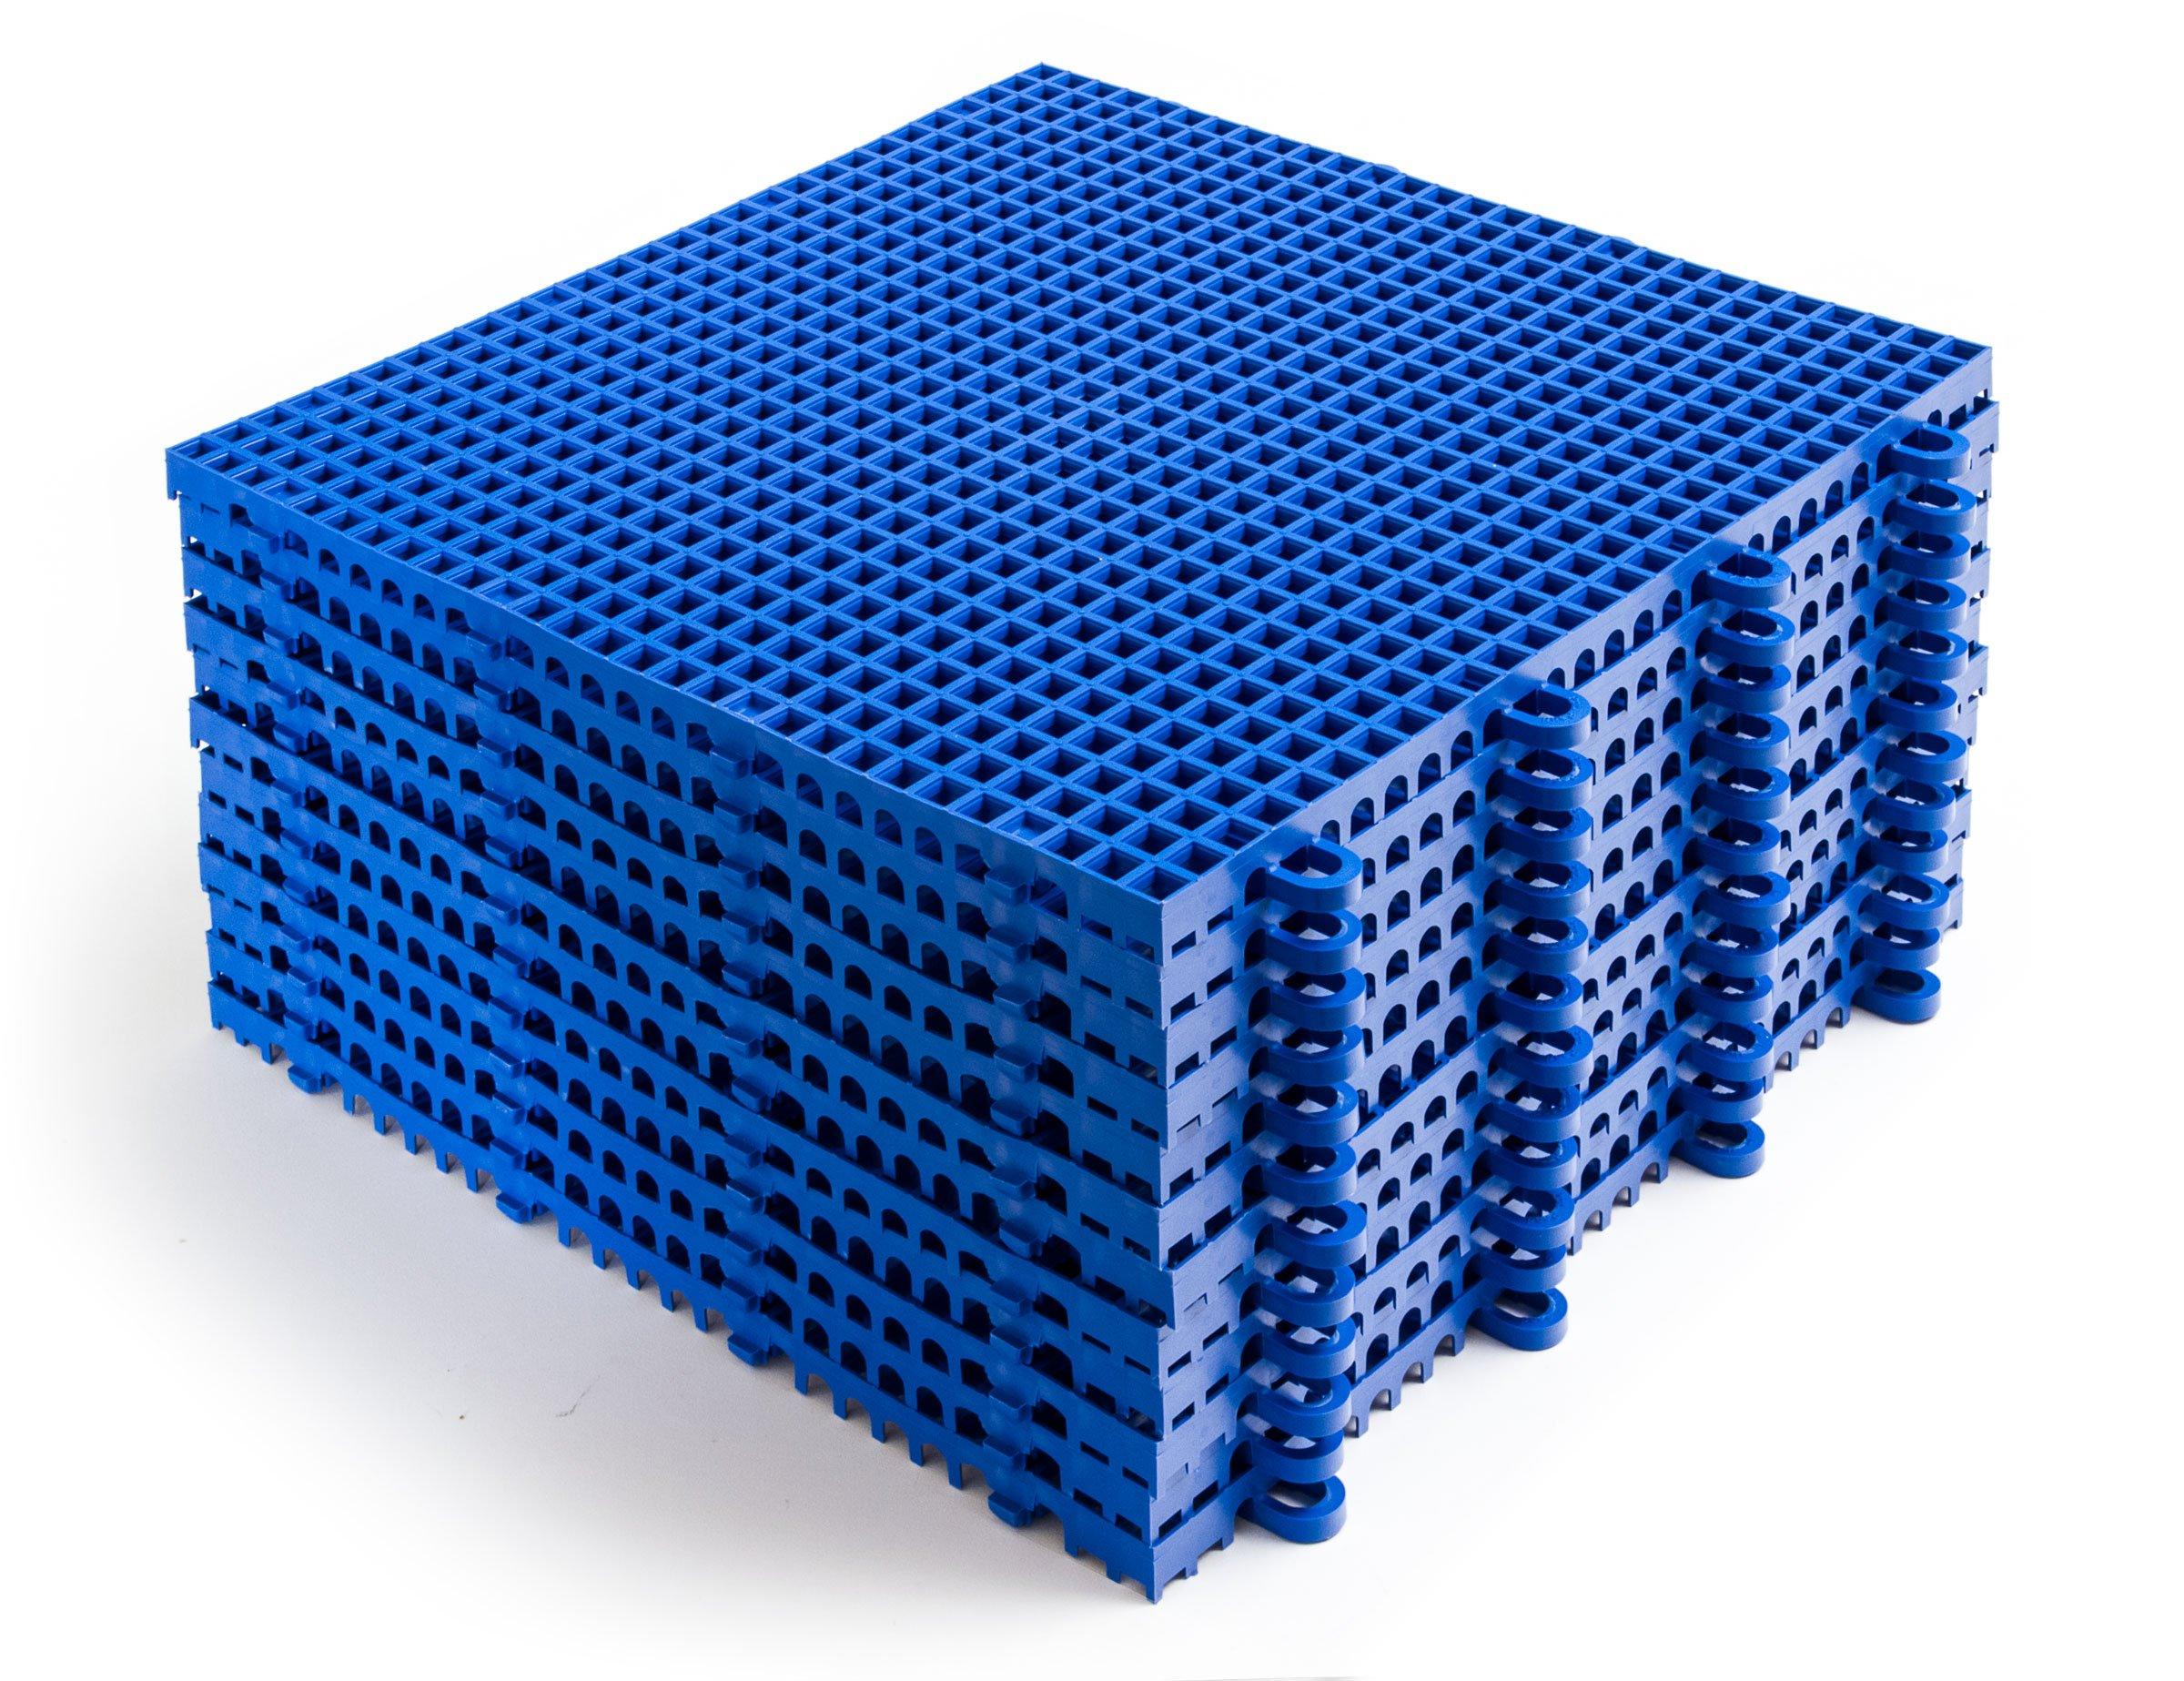 DuraGrid STBRIK Comfort Interlocking Modular Multi-Use Safety Floor Matting, Single Tile, Brick Red by DuraGrid® (Image #5)